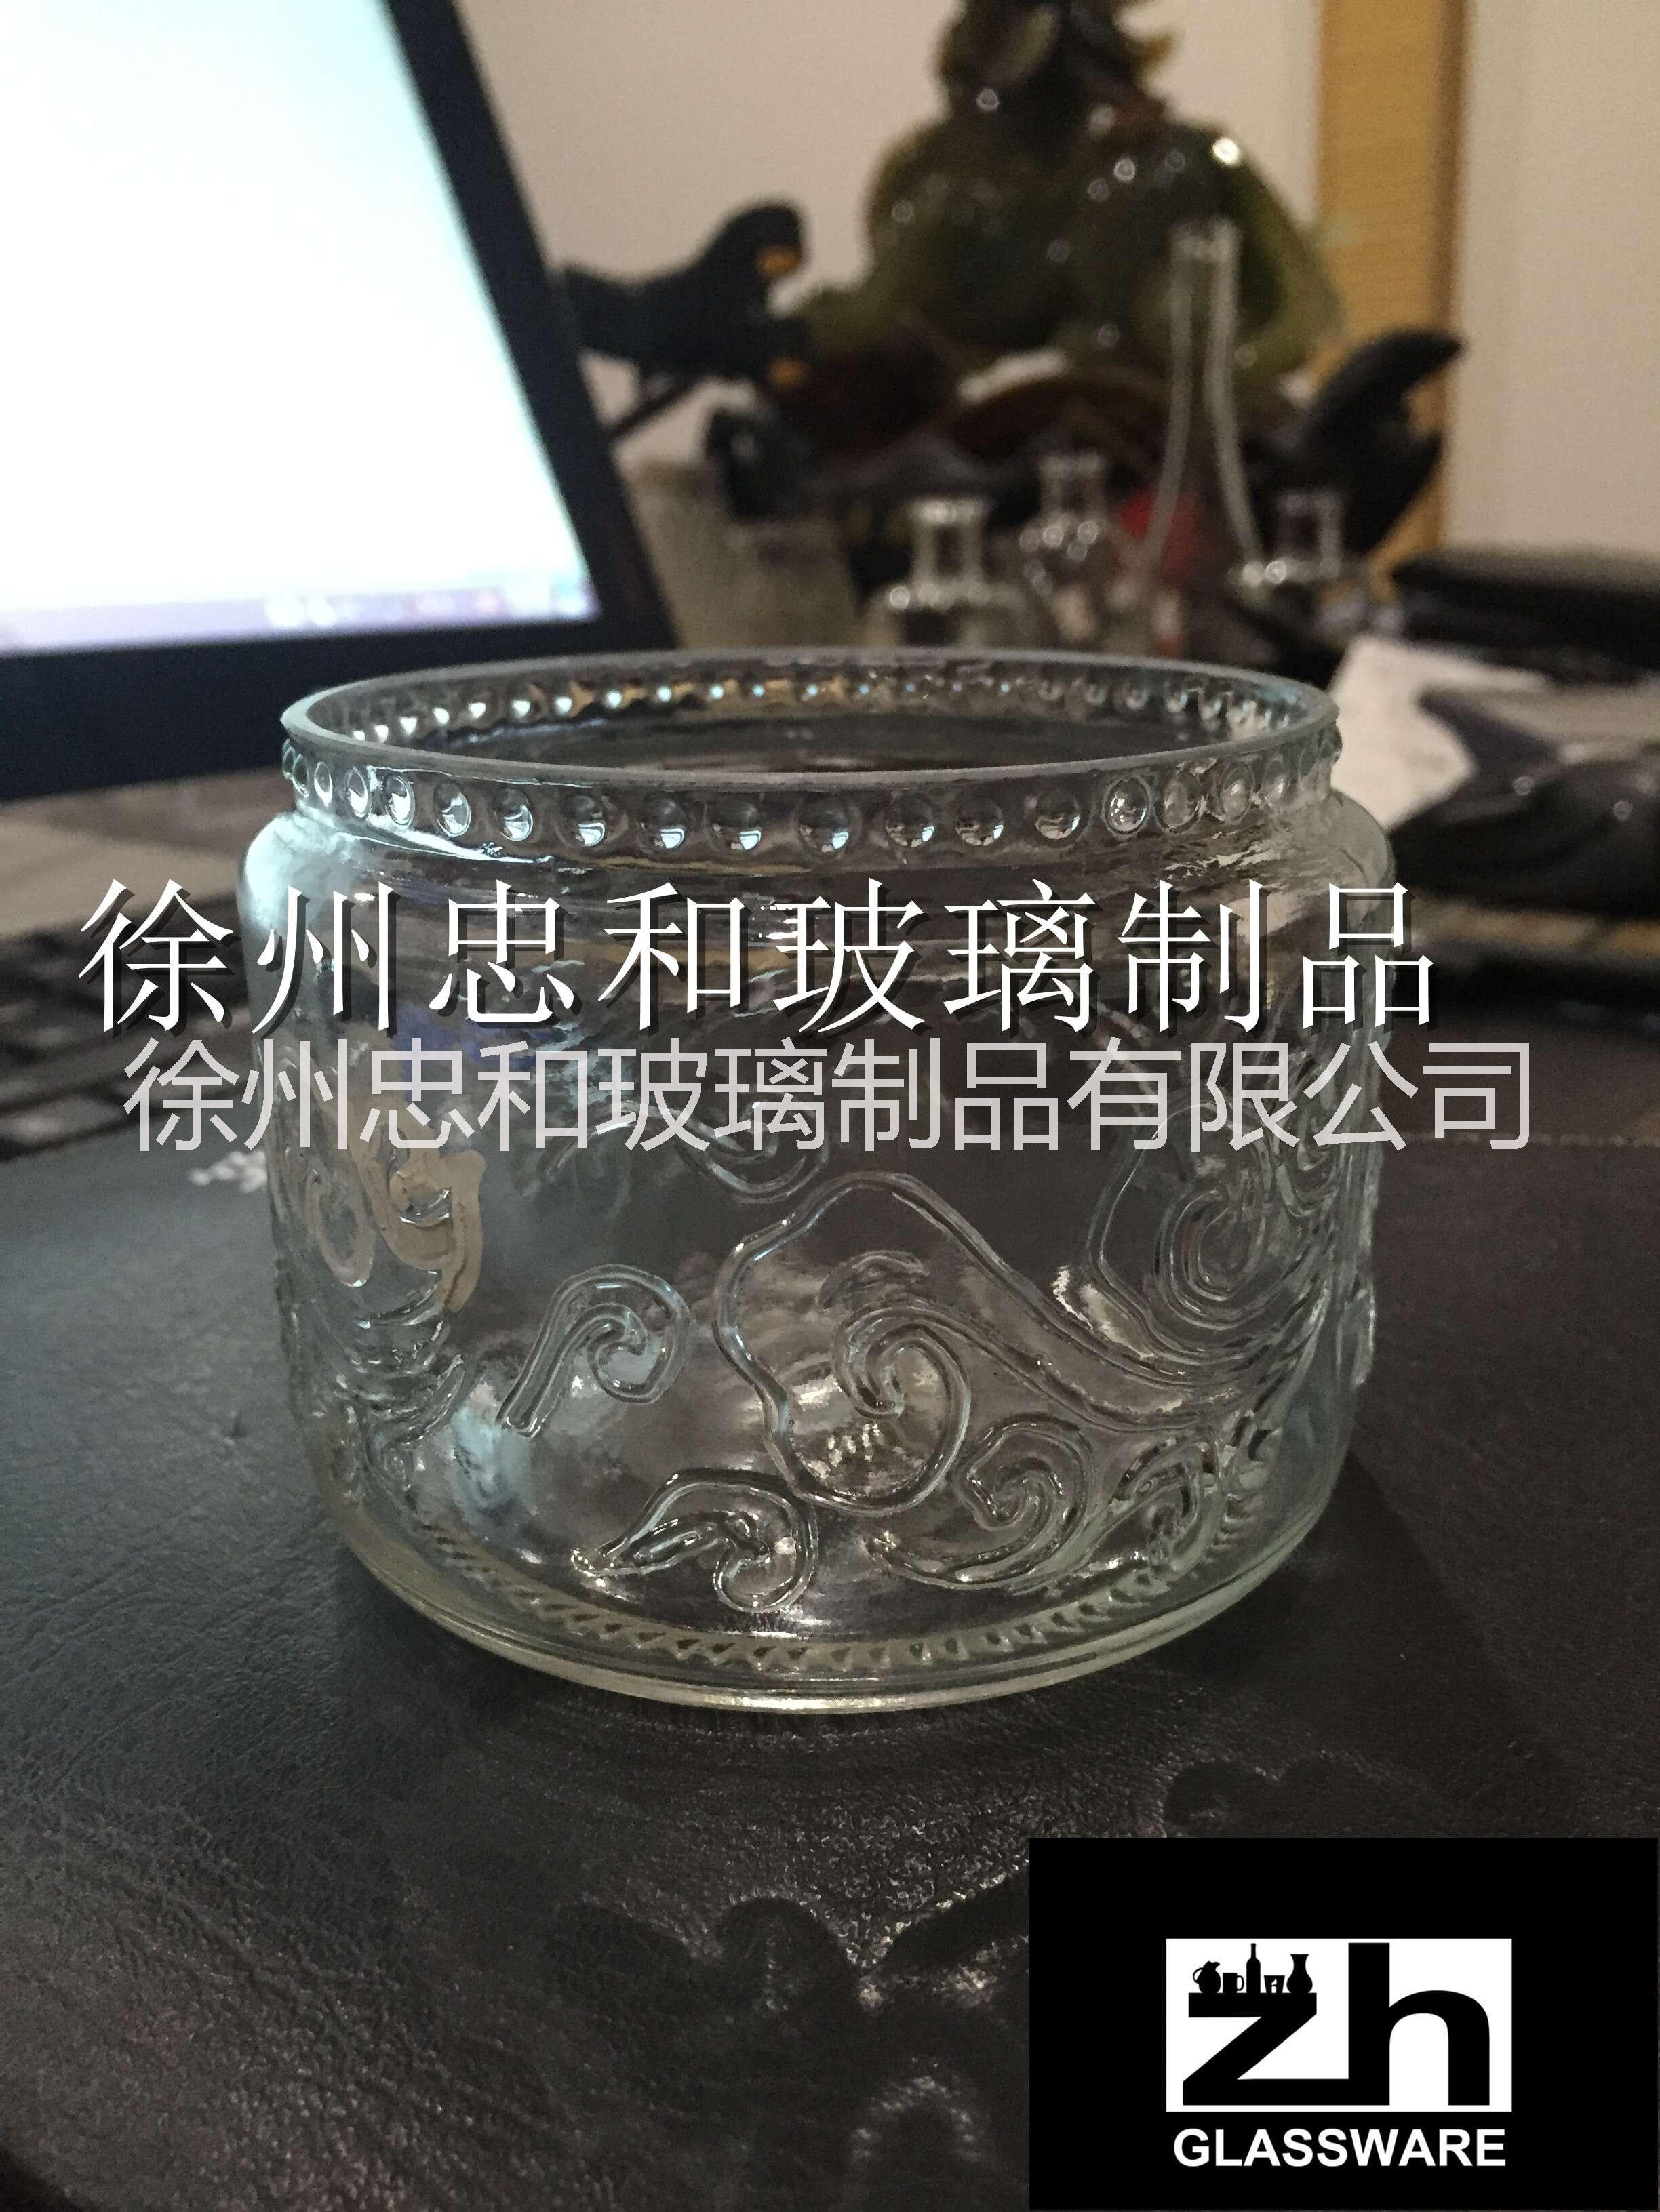 供应用于玻璃包装容器的玻璃制品 玻璃工艺品 量大从优